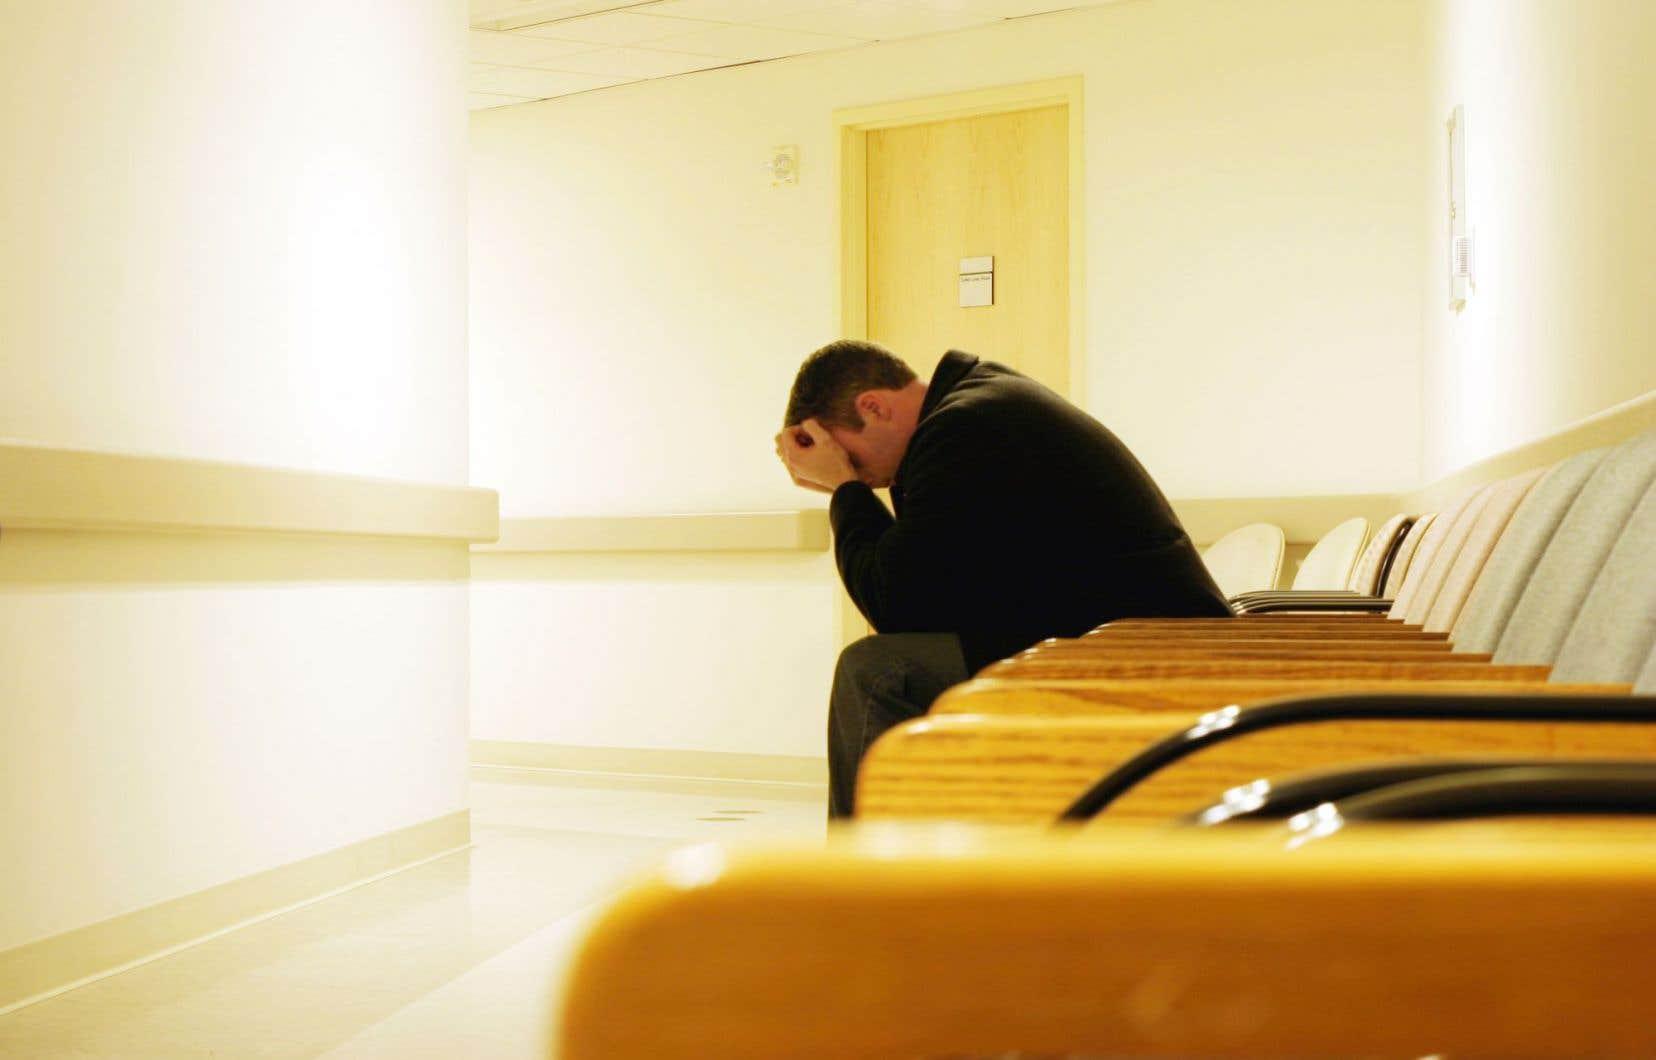 Le ministère de la Santé et des Services sociaux (MSSS) et le cabinet du ministre Gaétan Barrette indiquent que le «retrait des ressources n'est pas l'effet souhaité».